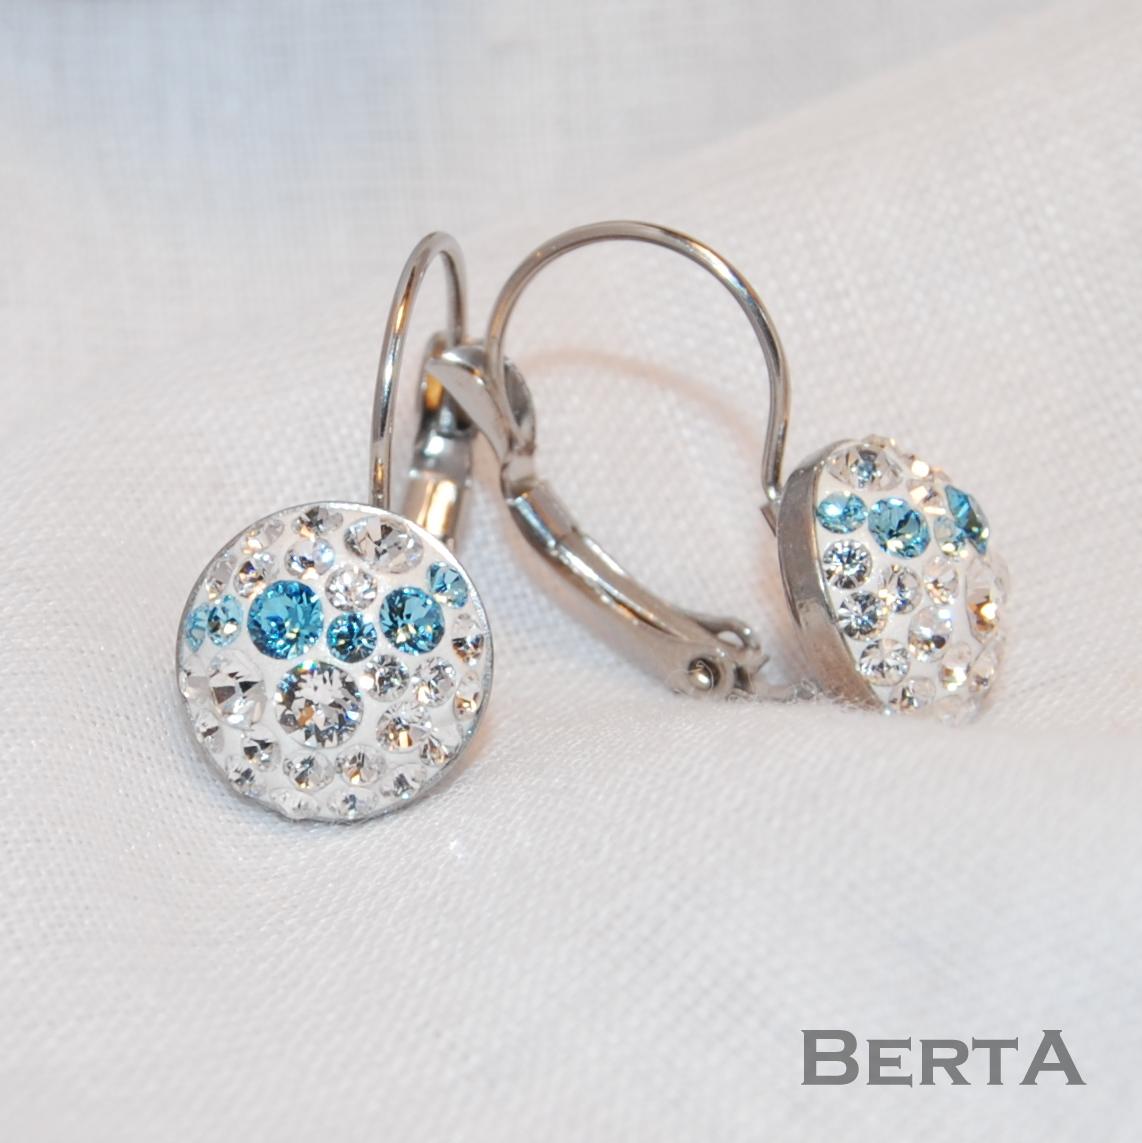 Fehér&Kék francia kapcsos fülbevaló Swarovski kristályokkal